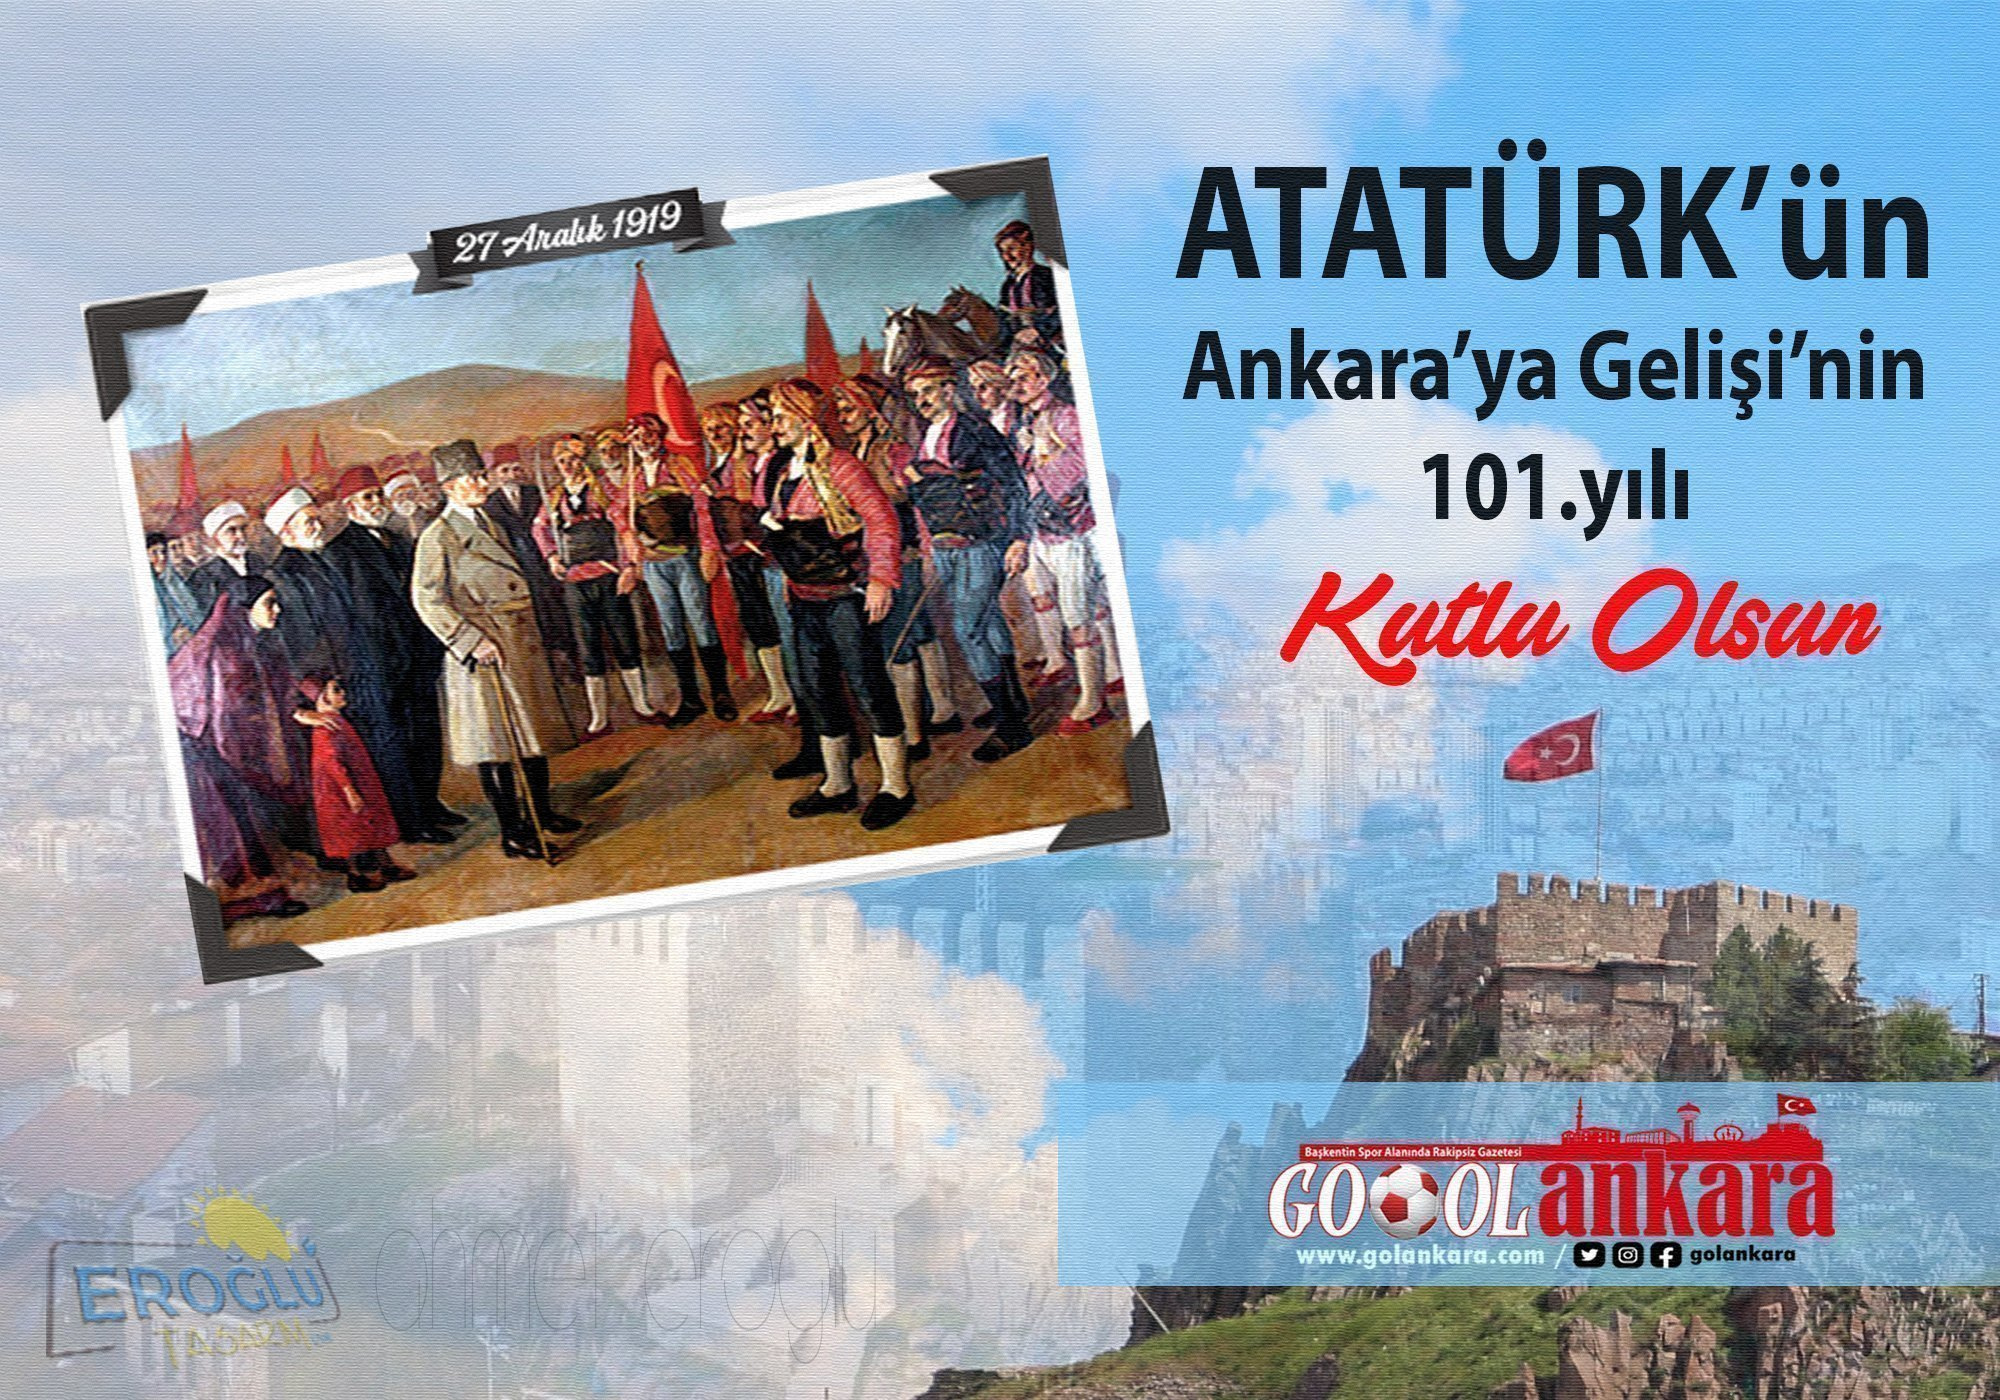 ATATÜRK'ÜN ANKARA'YA GELİŞİ KUTLU OLSUN